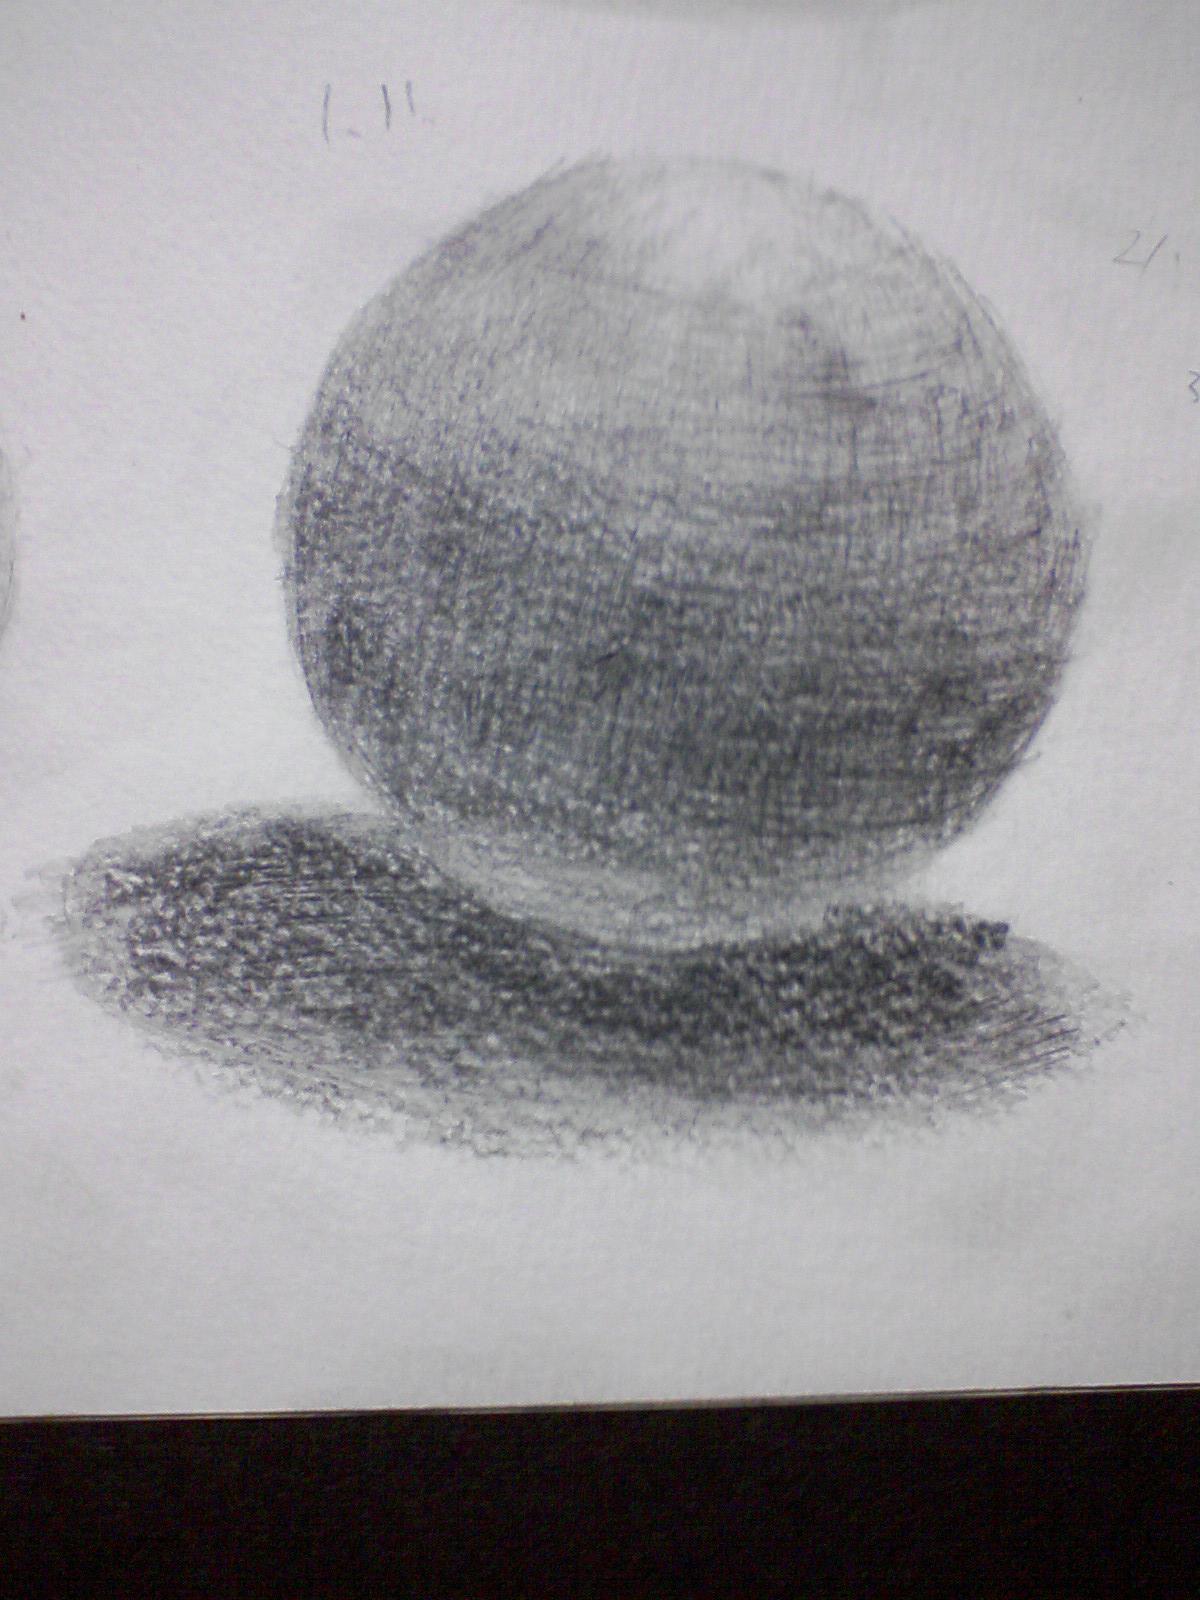 想定の球4